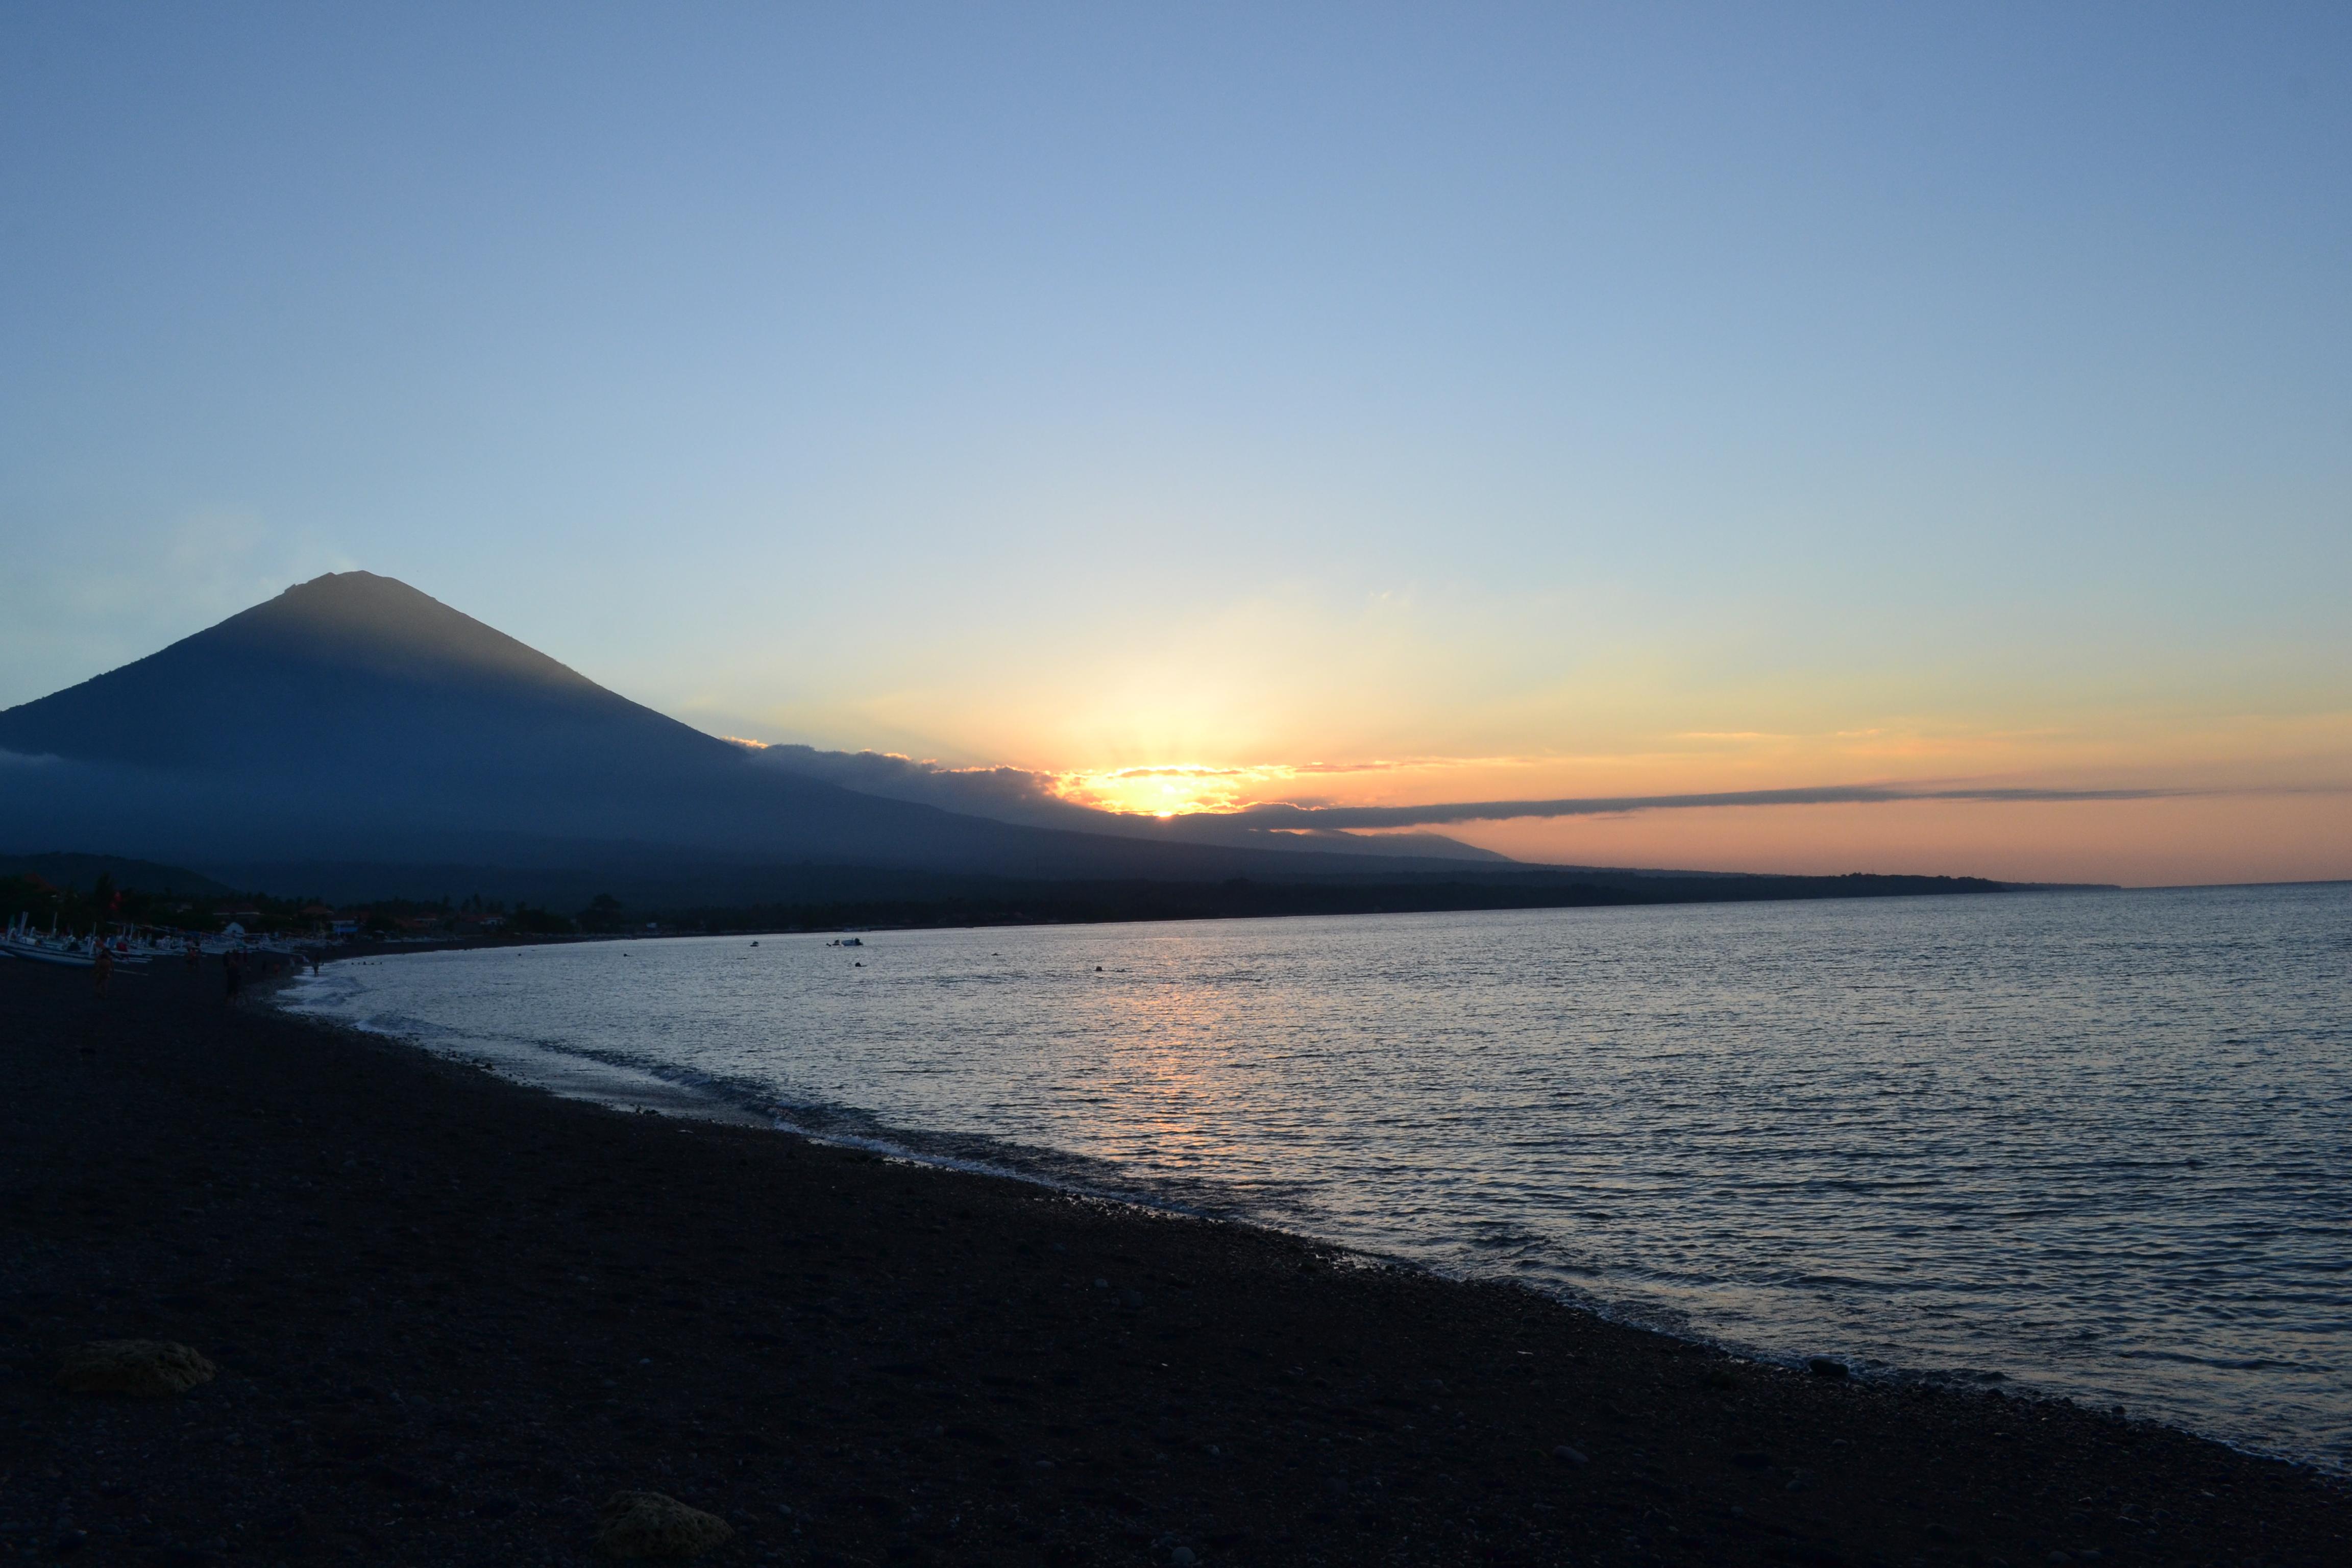 coucher de soleil mont agung